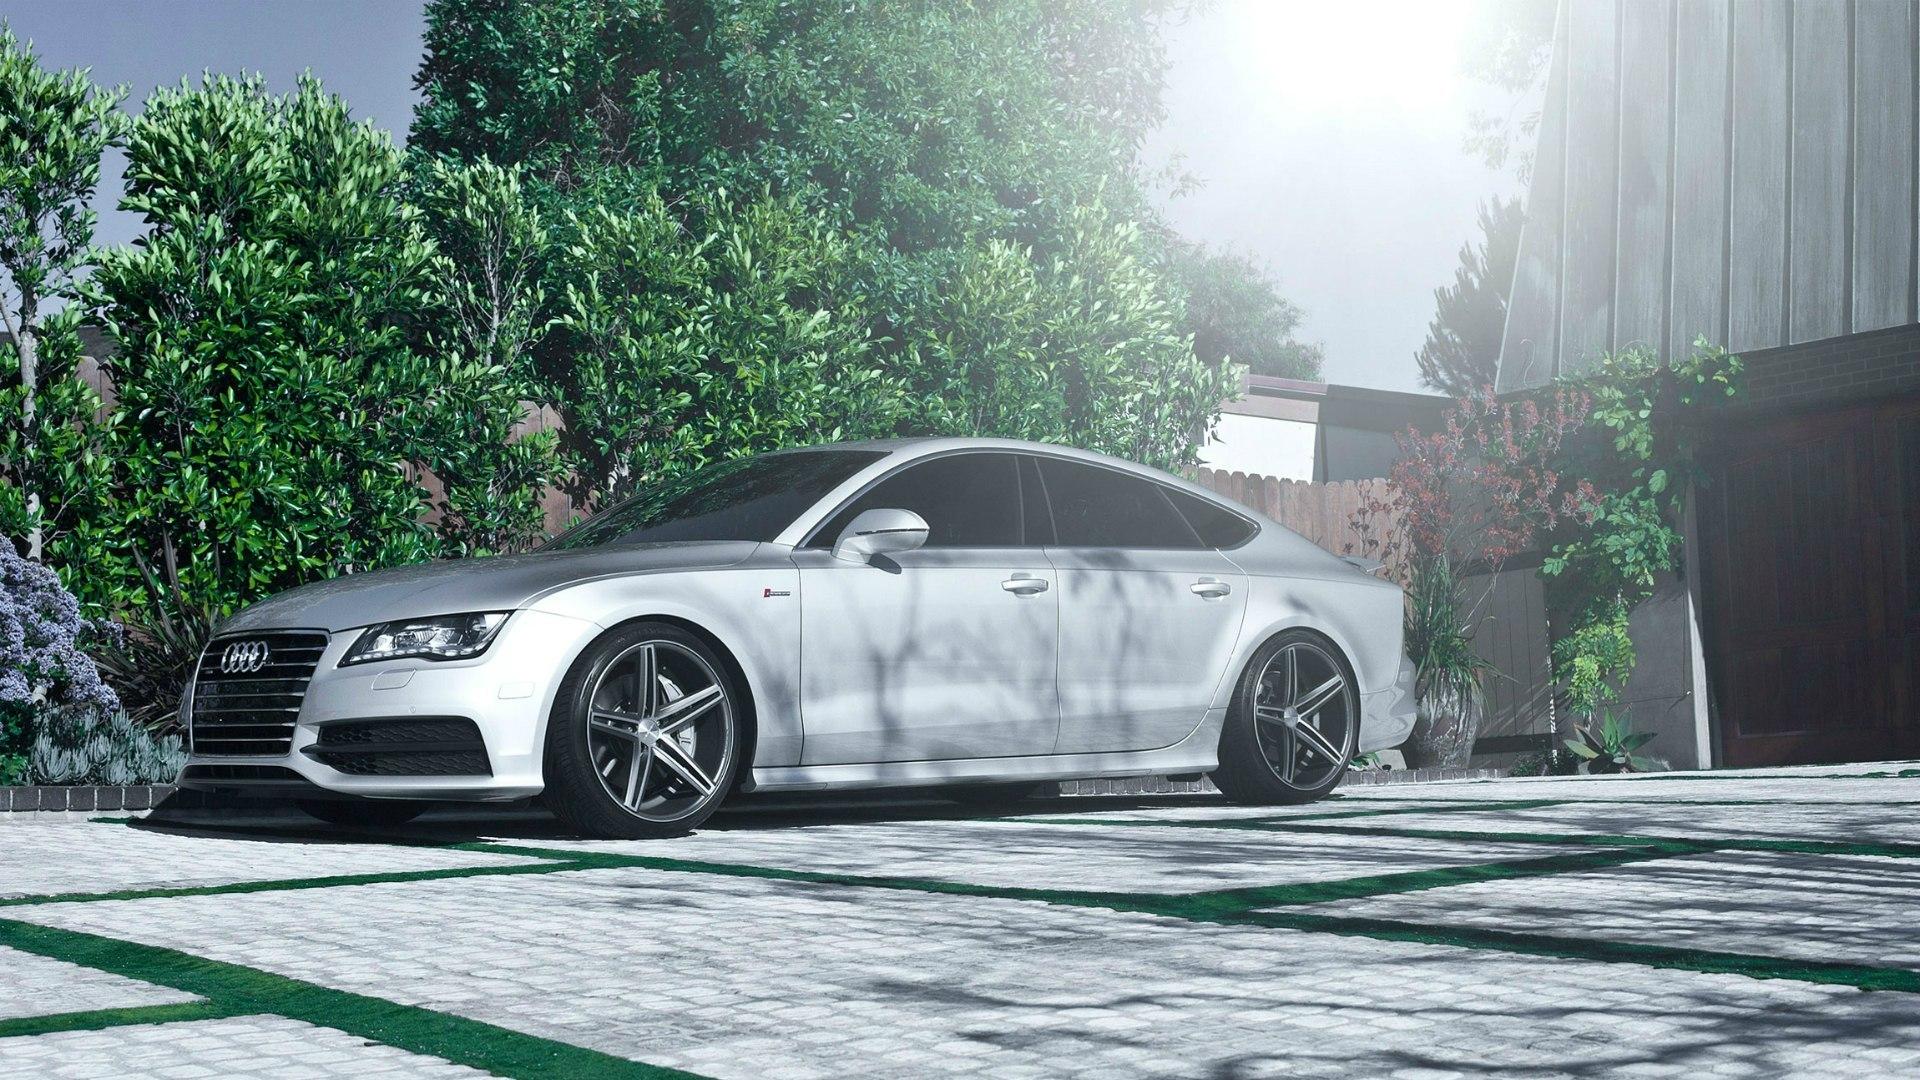 25718 скачать обои Транспорт, Машины, Ауди (Audi) - заставки и картинки бесплатно